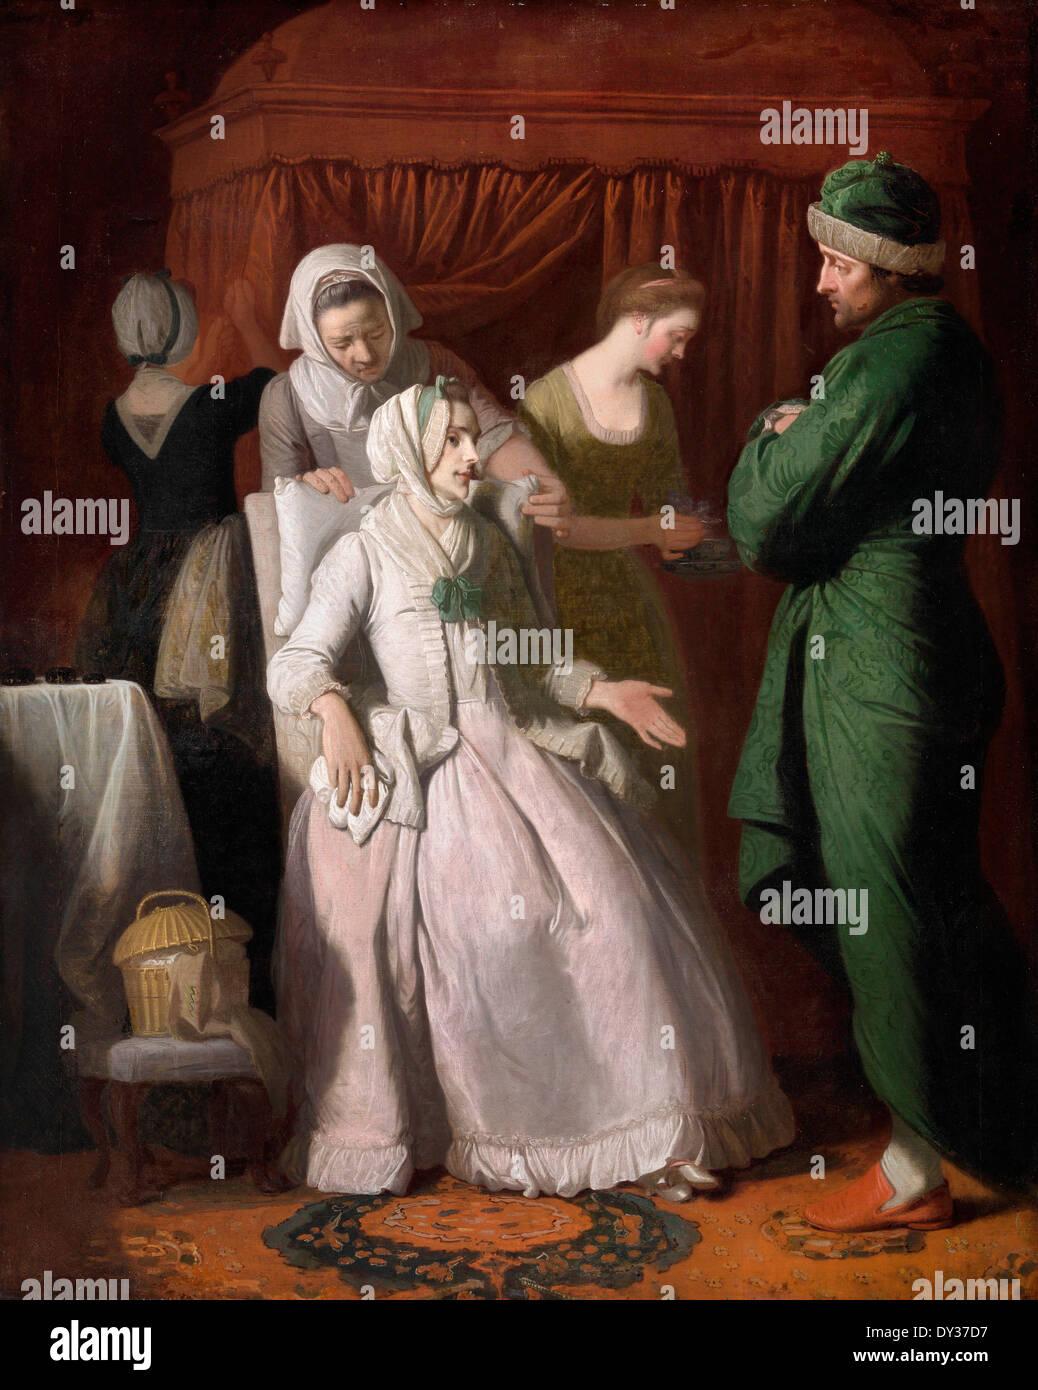 Edward Penny, la virtuosa confortati dalla simpatia 1774 olio su tela. Yale Center per British Art di New Haven, Stati Uniti d'America. Immagini Stock